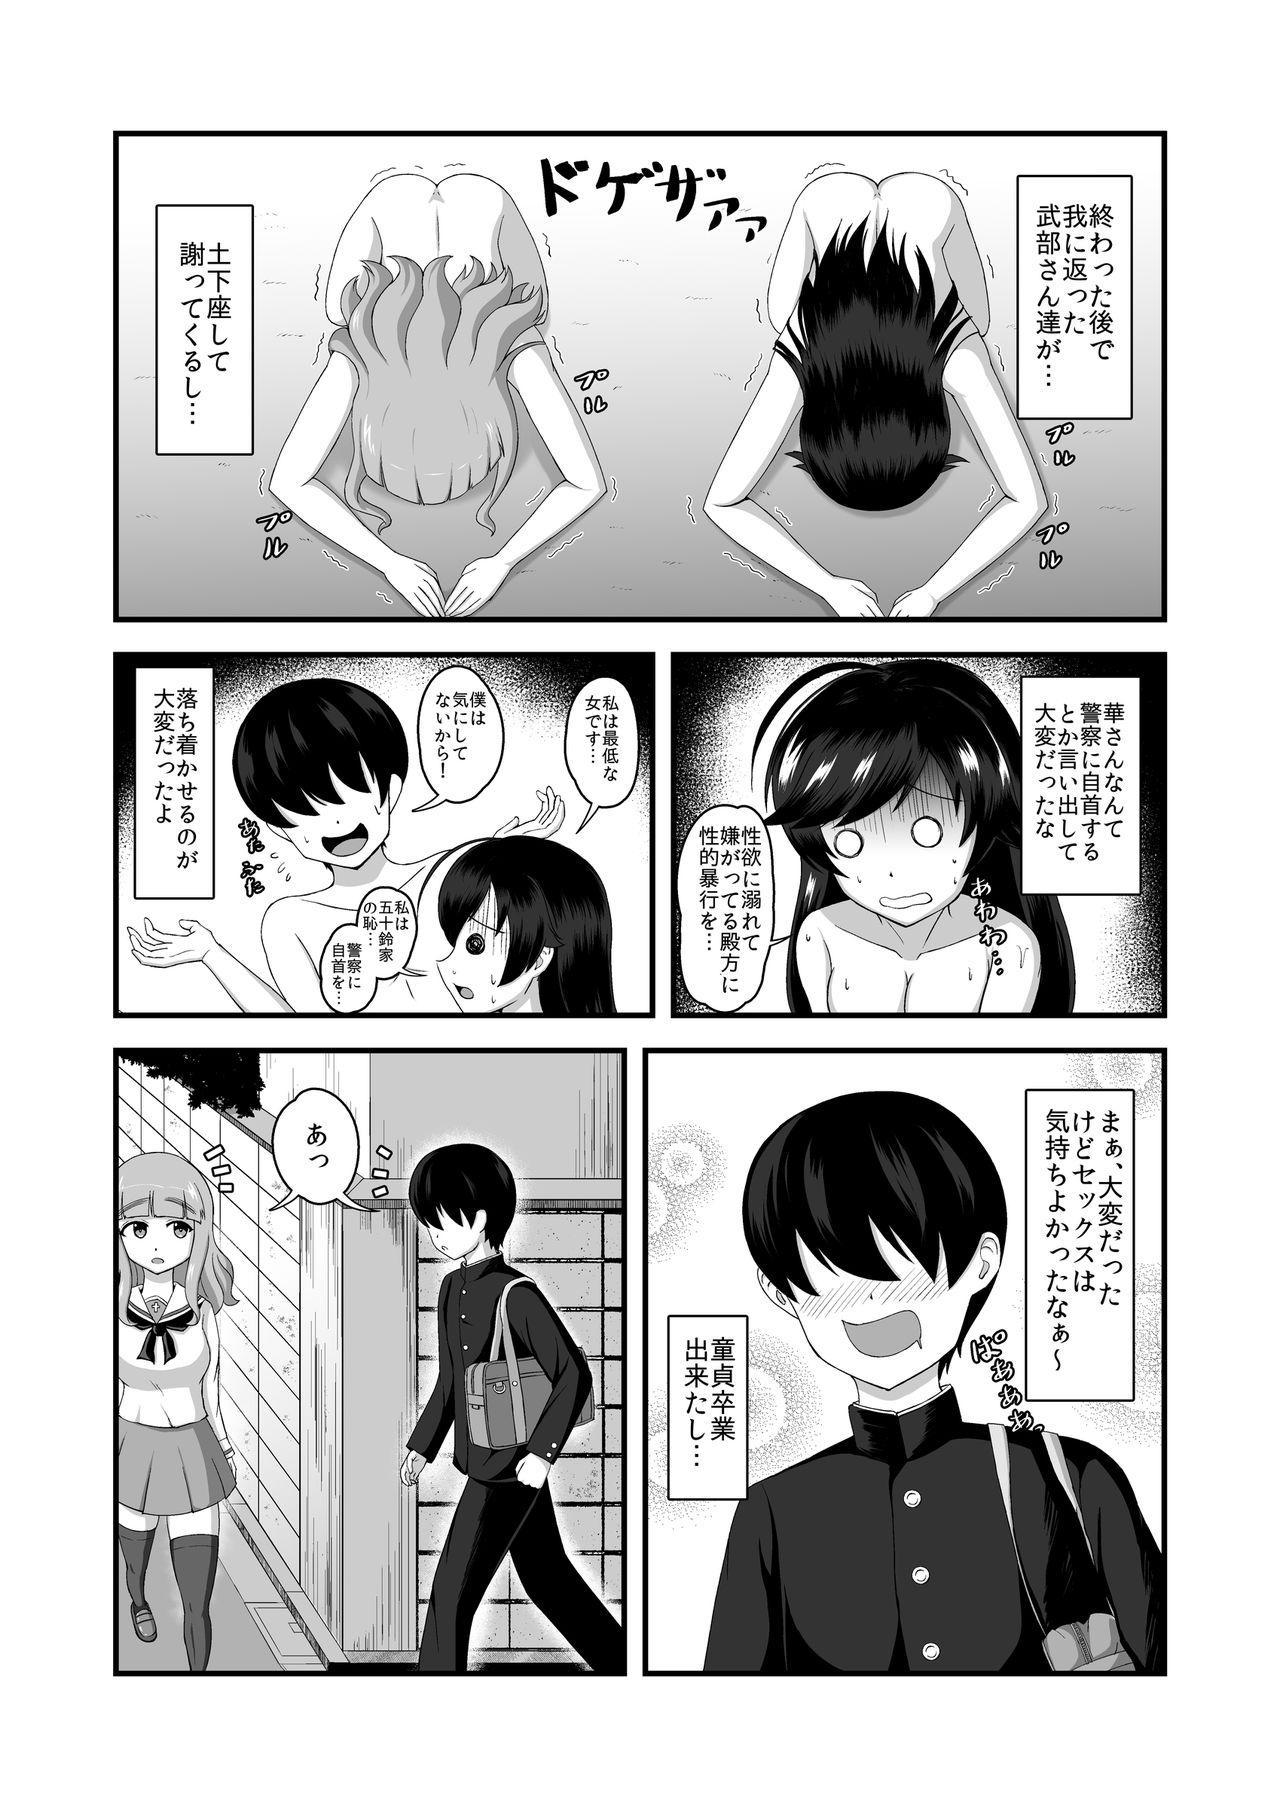 Teisou Gyakuten Abekobe Banashi 2 2